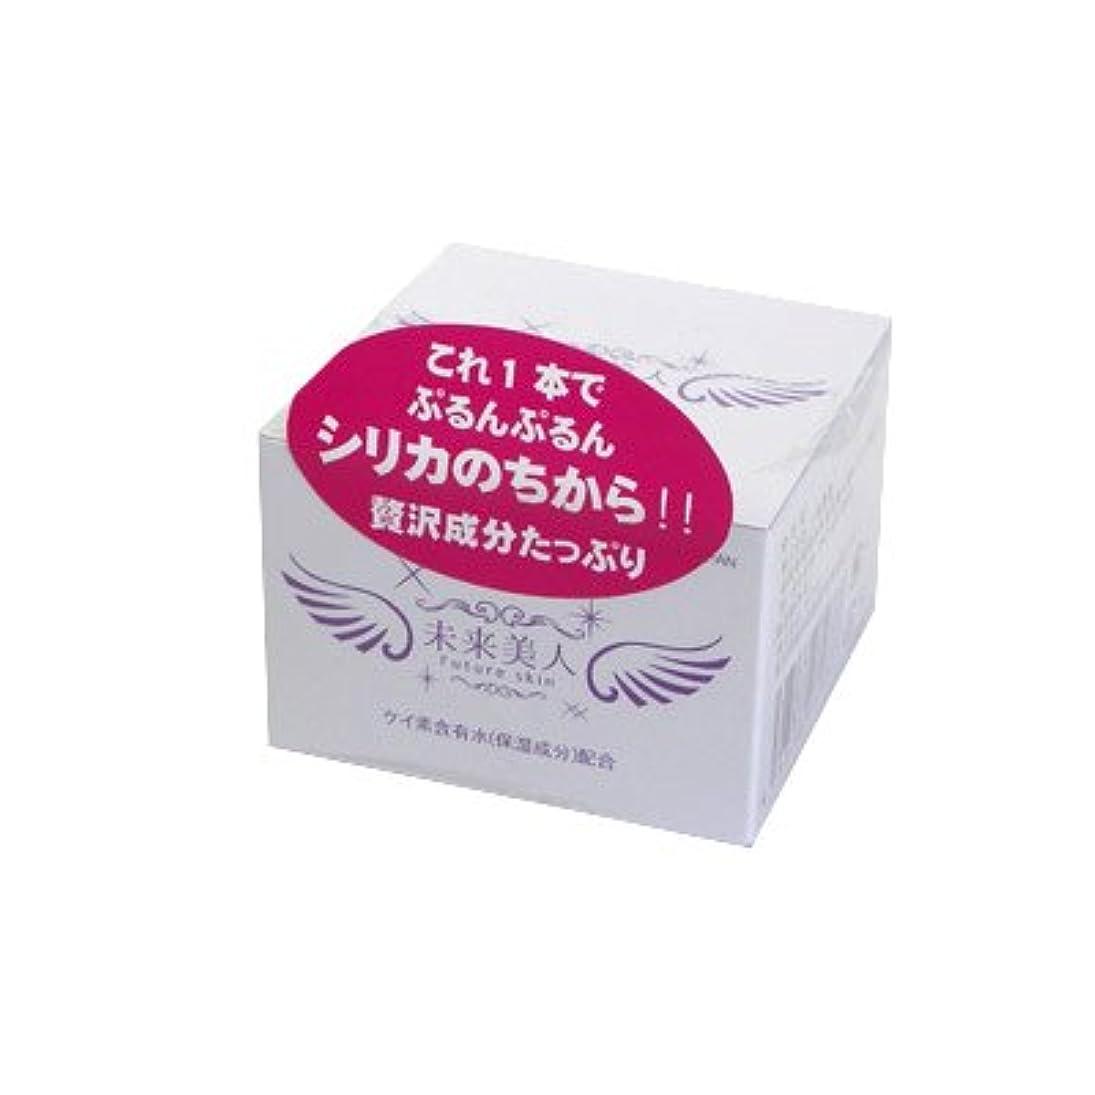 弓生産性矢印未来美人 化粧用ジェル 100g